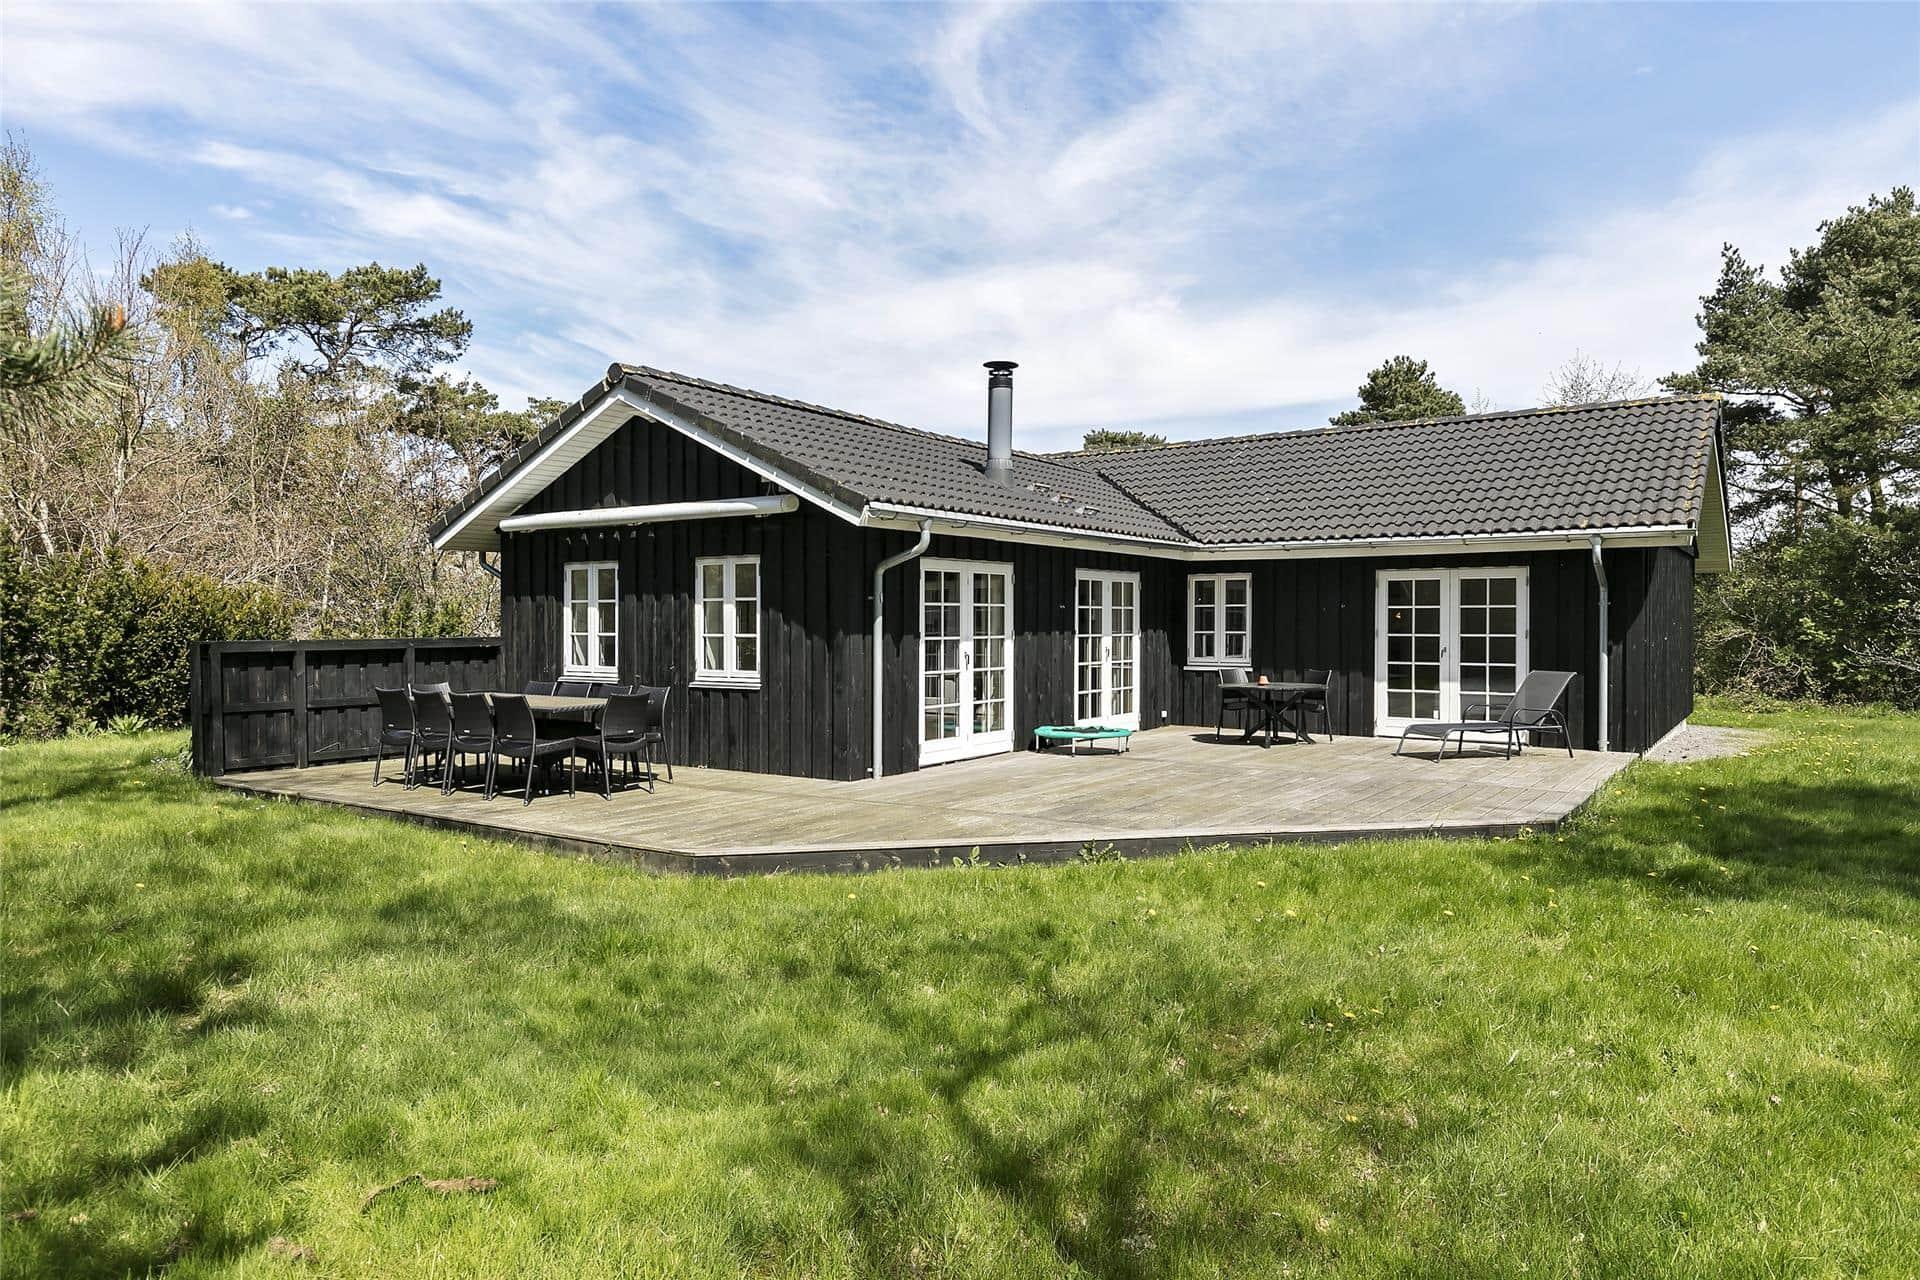 Bild 1-10 Ferienhaus 3638, Hedevej 10, DK - 3730 Nexø